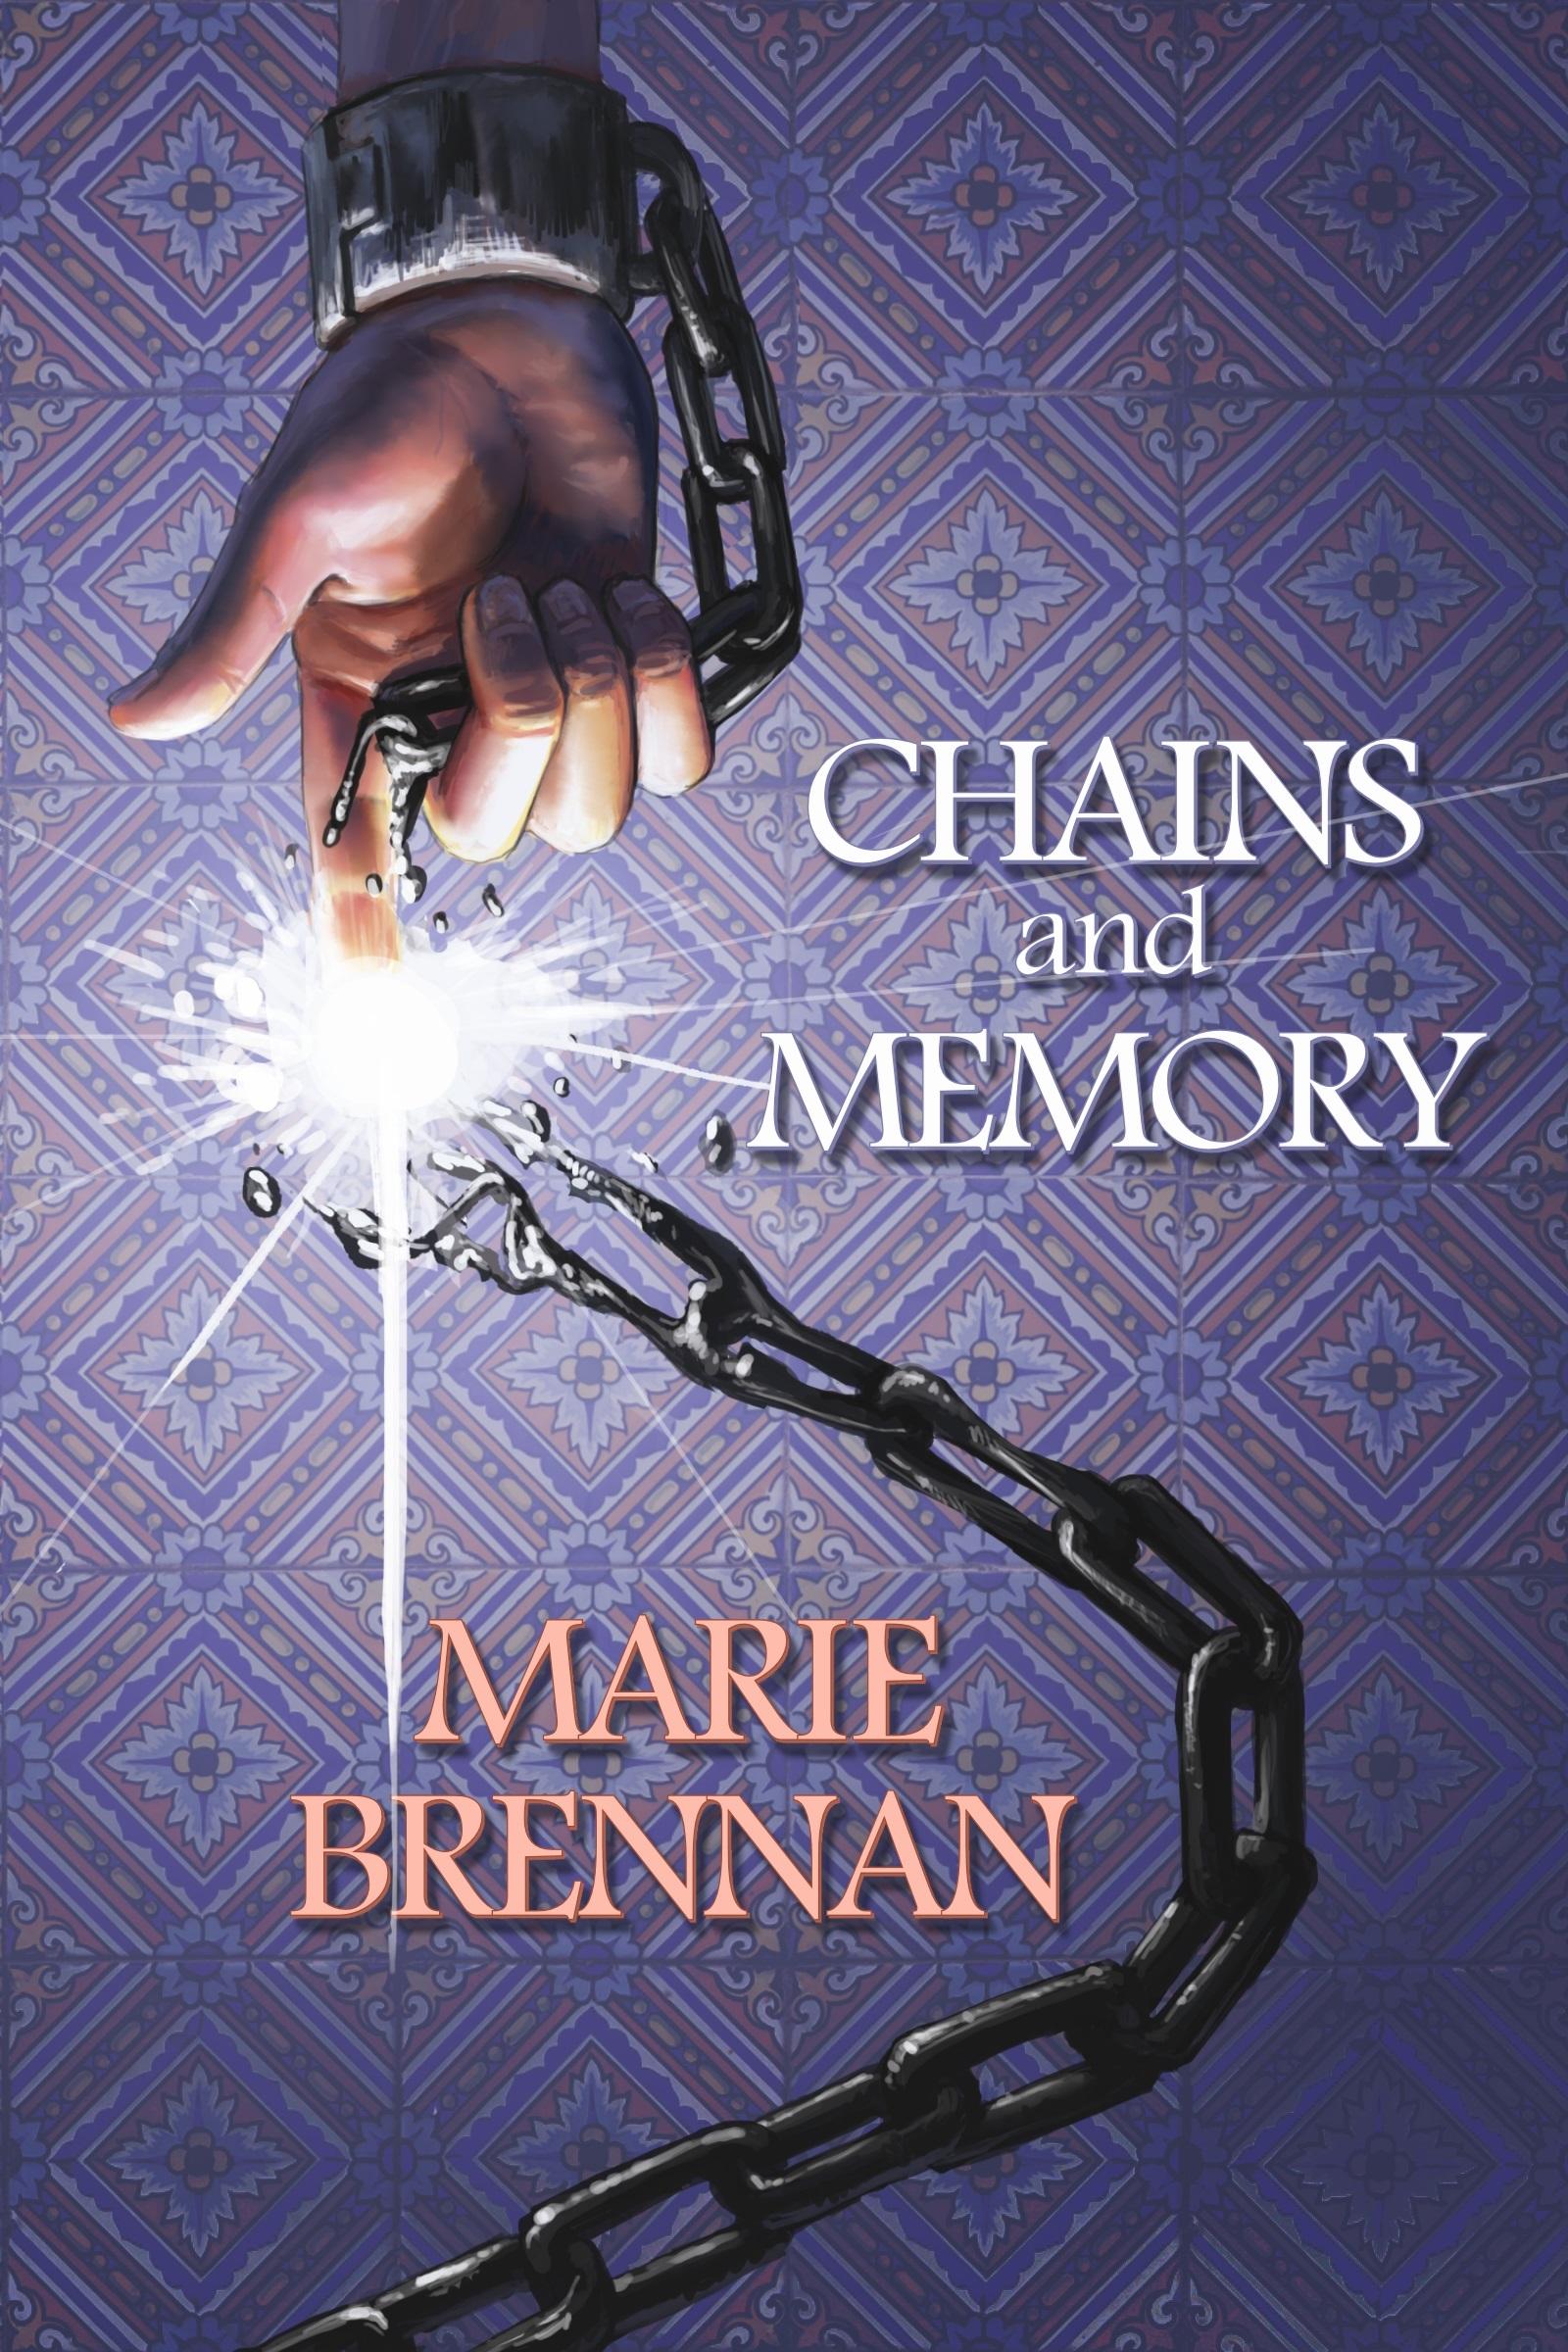 Brennan-ChainsandMemory-1600x2400